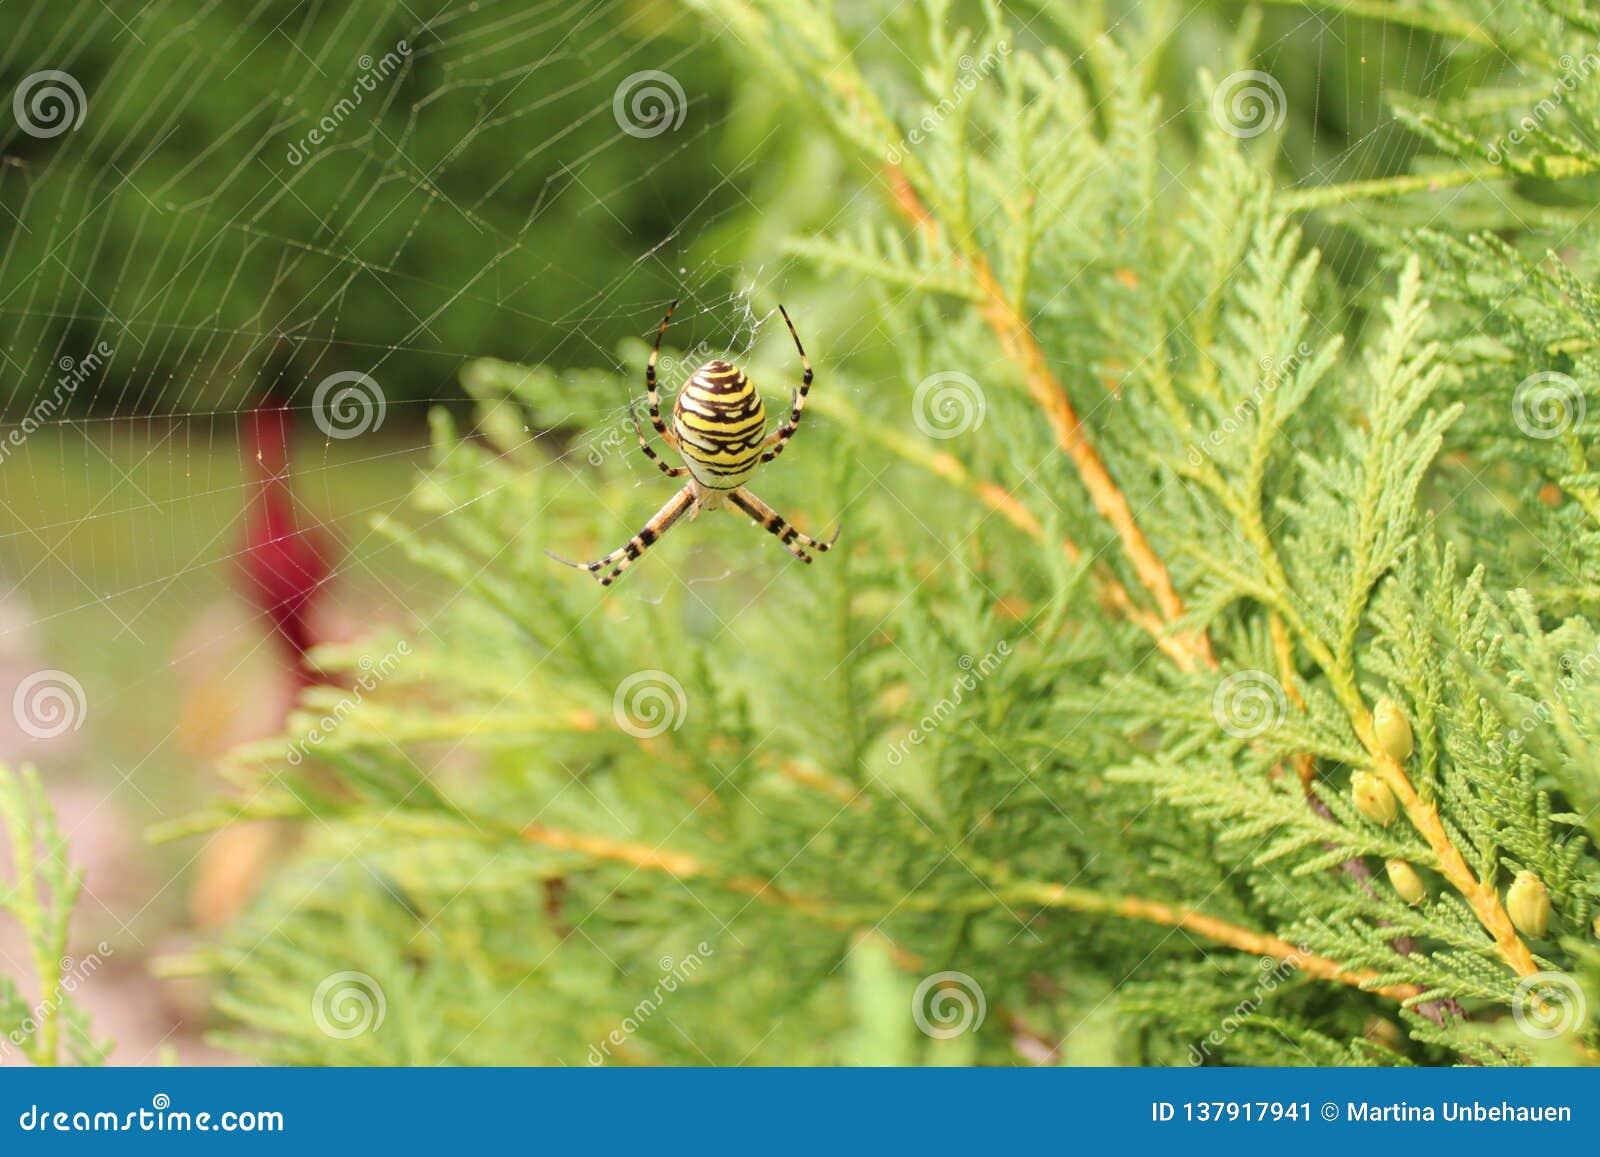 黄蜂蜘蛛在庭院里